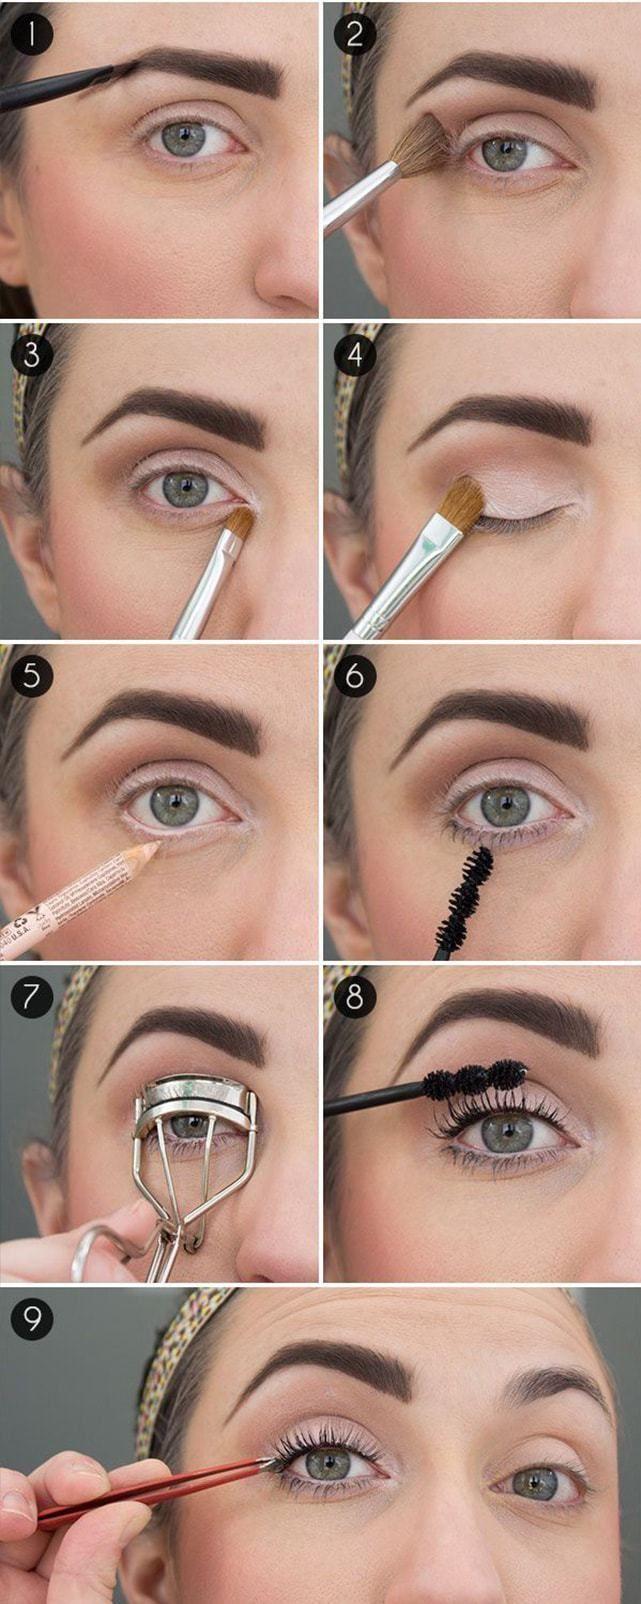 Tutorial to make Eyes Bigger